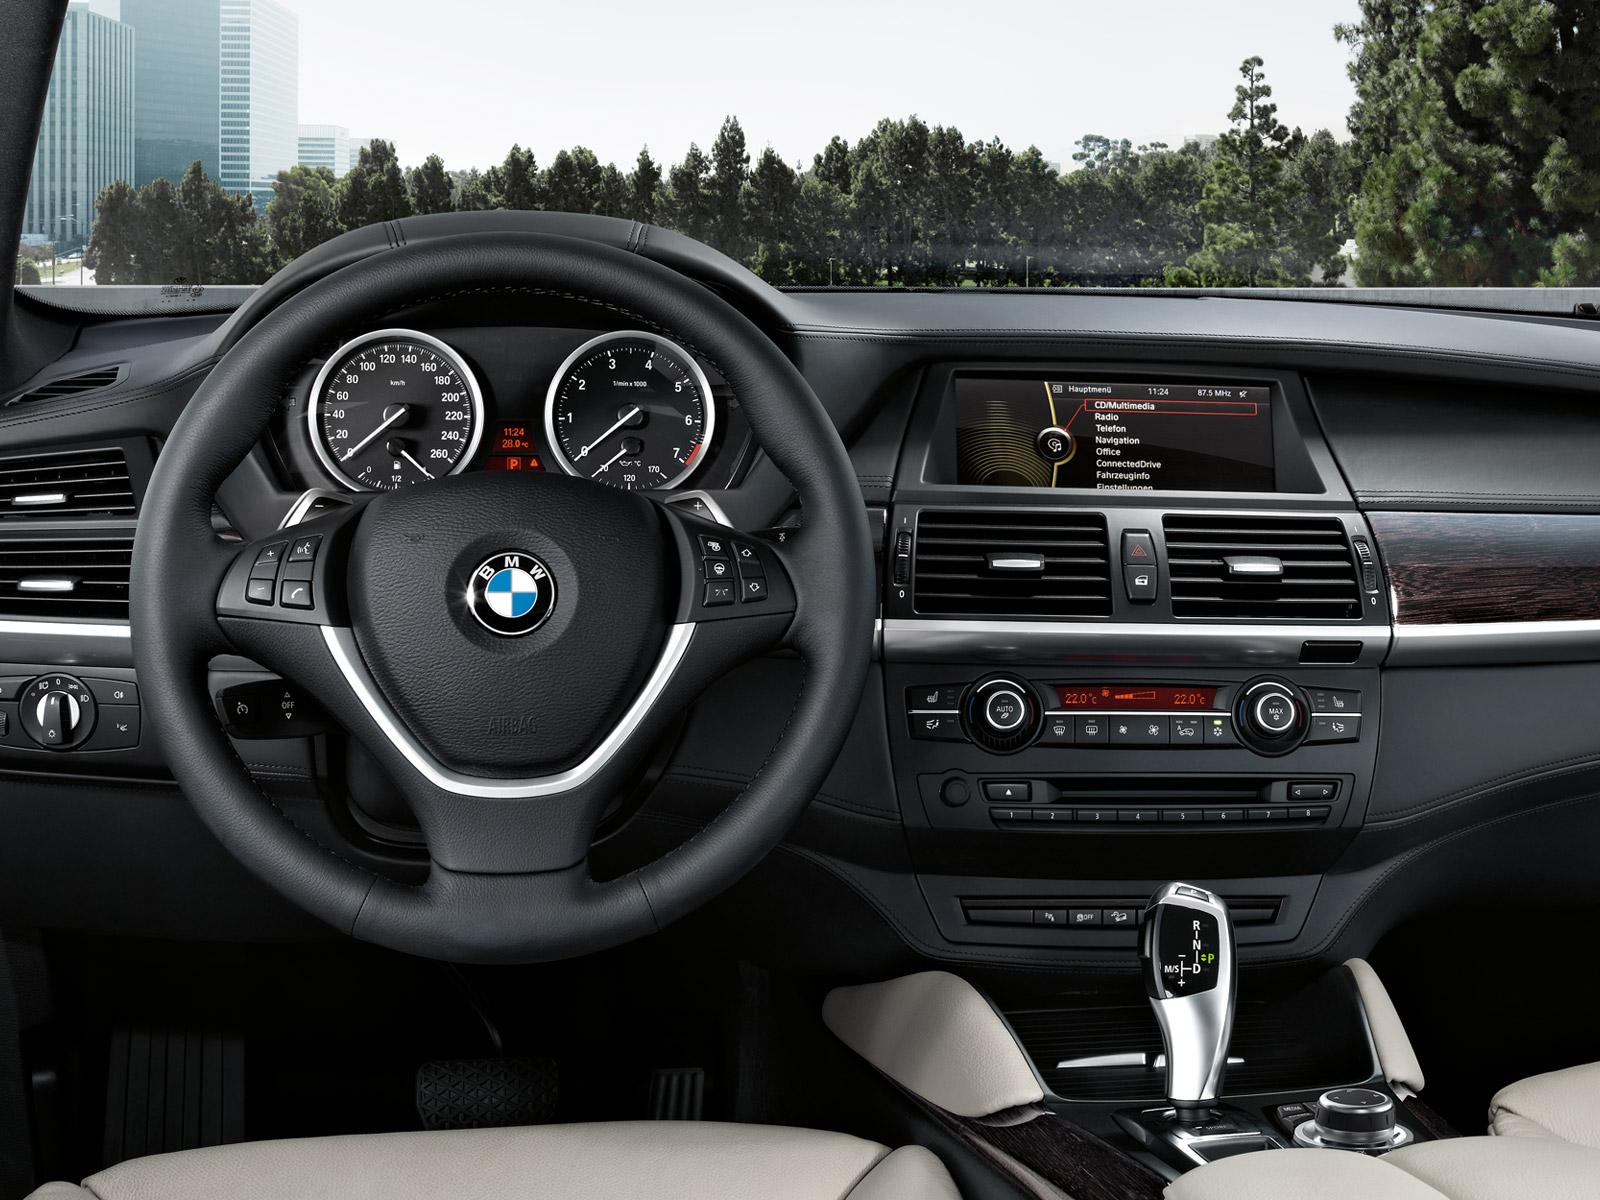 BMW_X6_Wallpaper_1600x1200_11